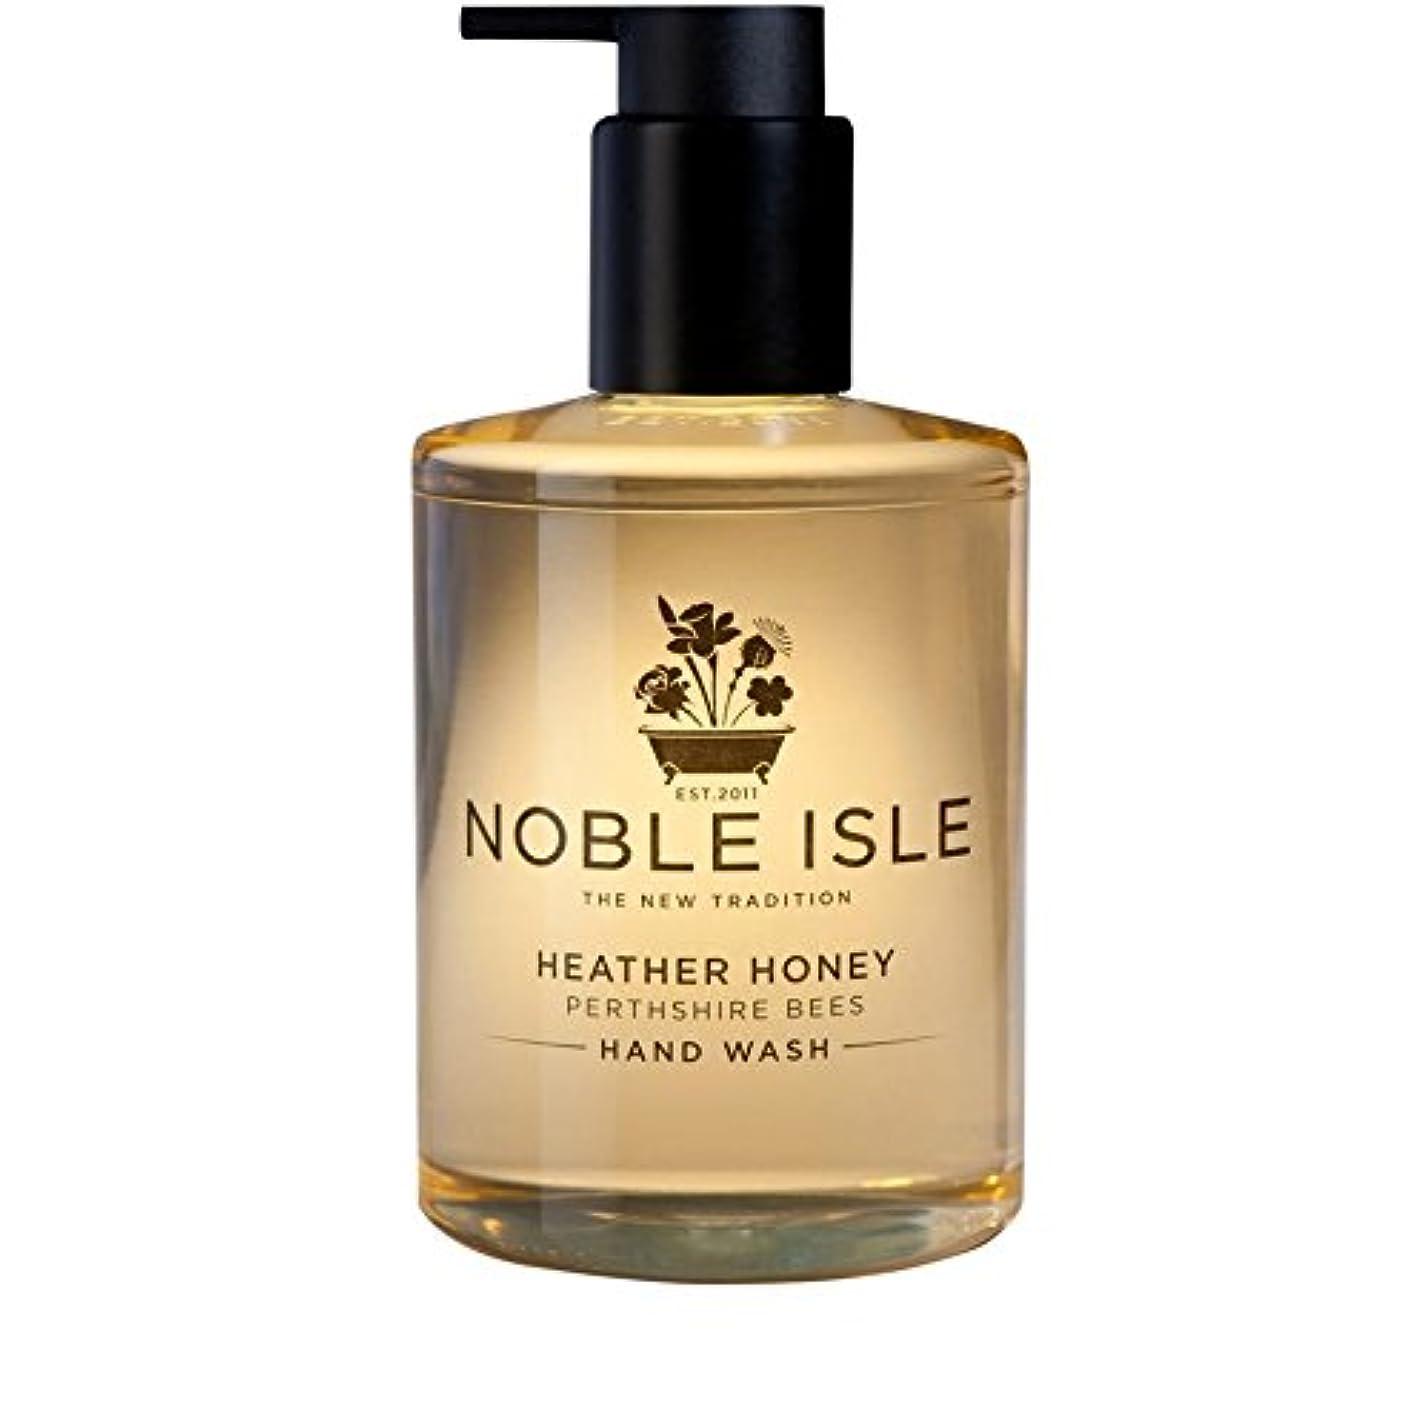 差し迫ったジーンズスパイNoble Isle Heather Honey Perthshire Bees Hand Wash 250ml - 高貴な島杢蜂蜜パースシャー蜂のハンドウォッシュ250ミリリットル [並行輸入品]